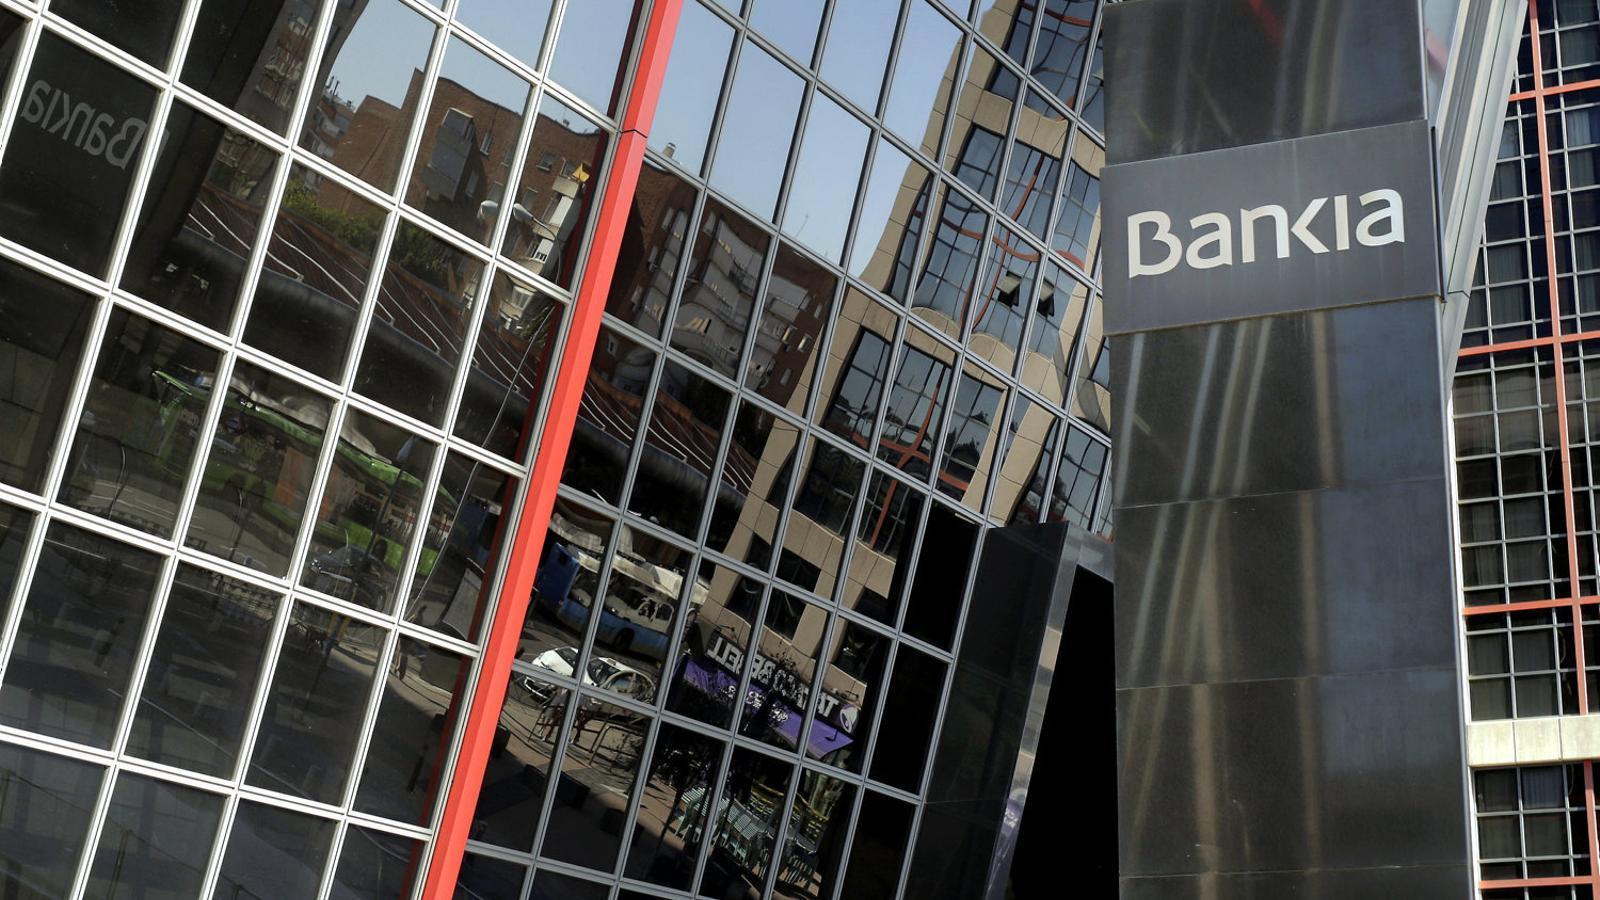 Imatge de les oficines centrals de Bankia a la plaça Castilla de Madrid divendres.